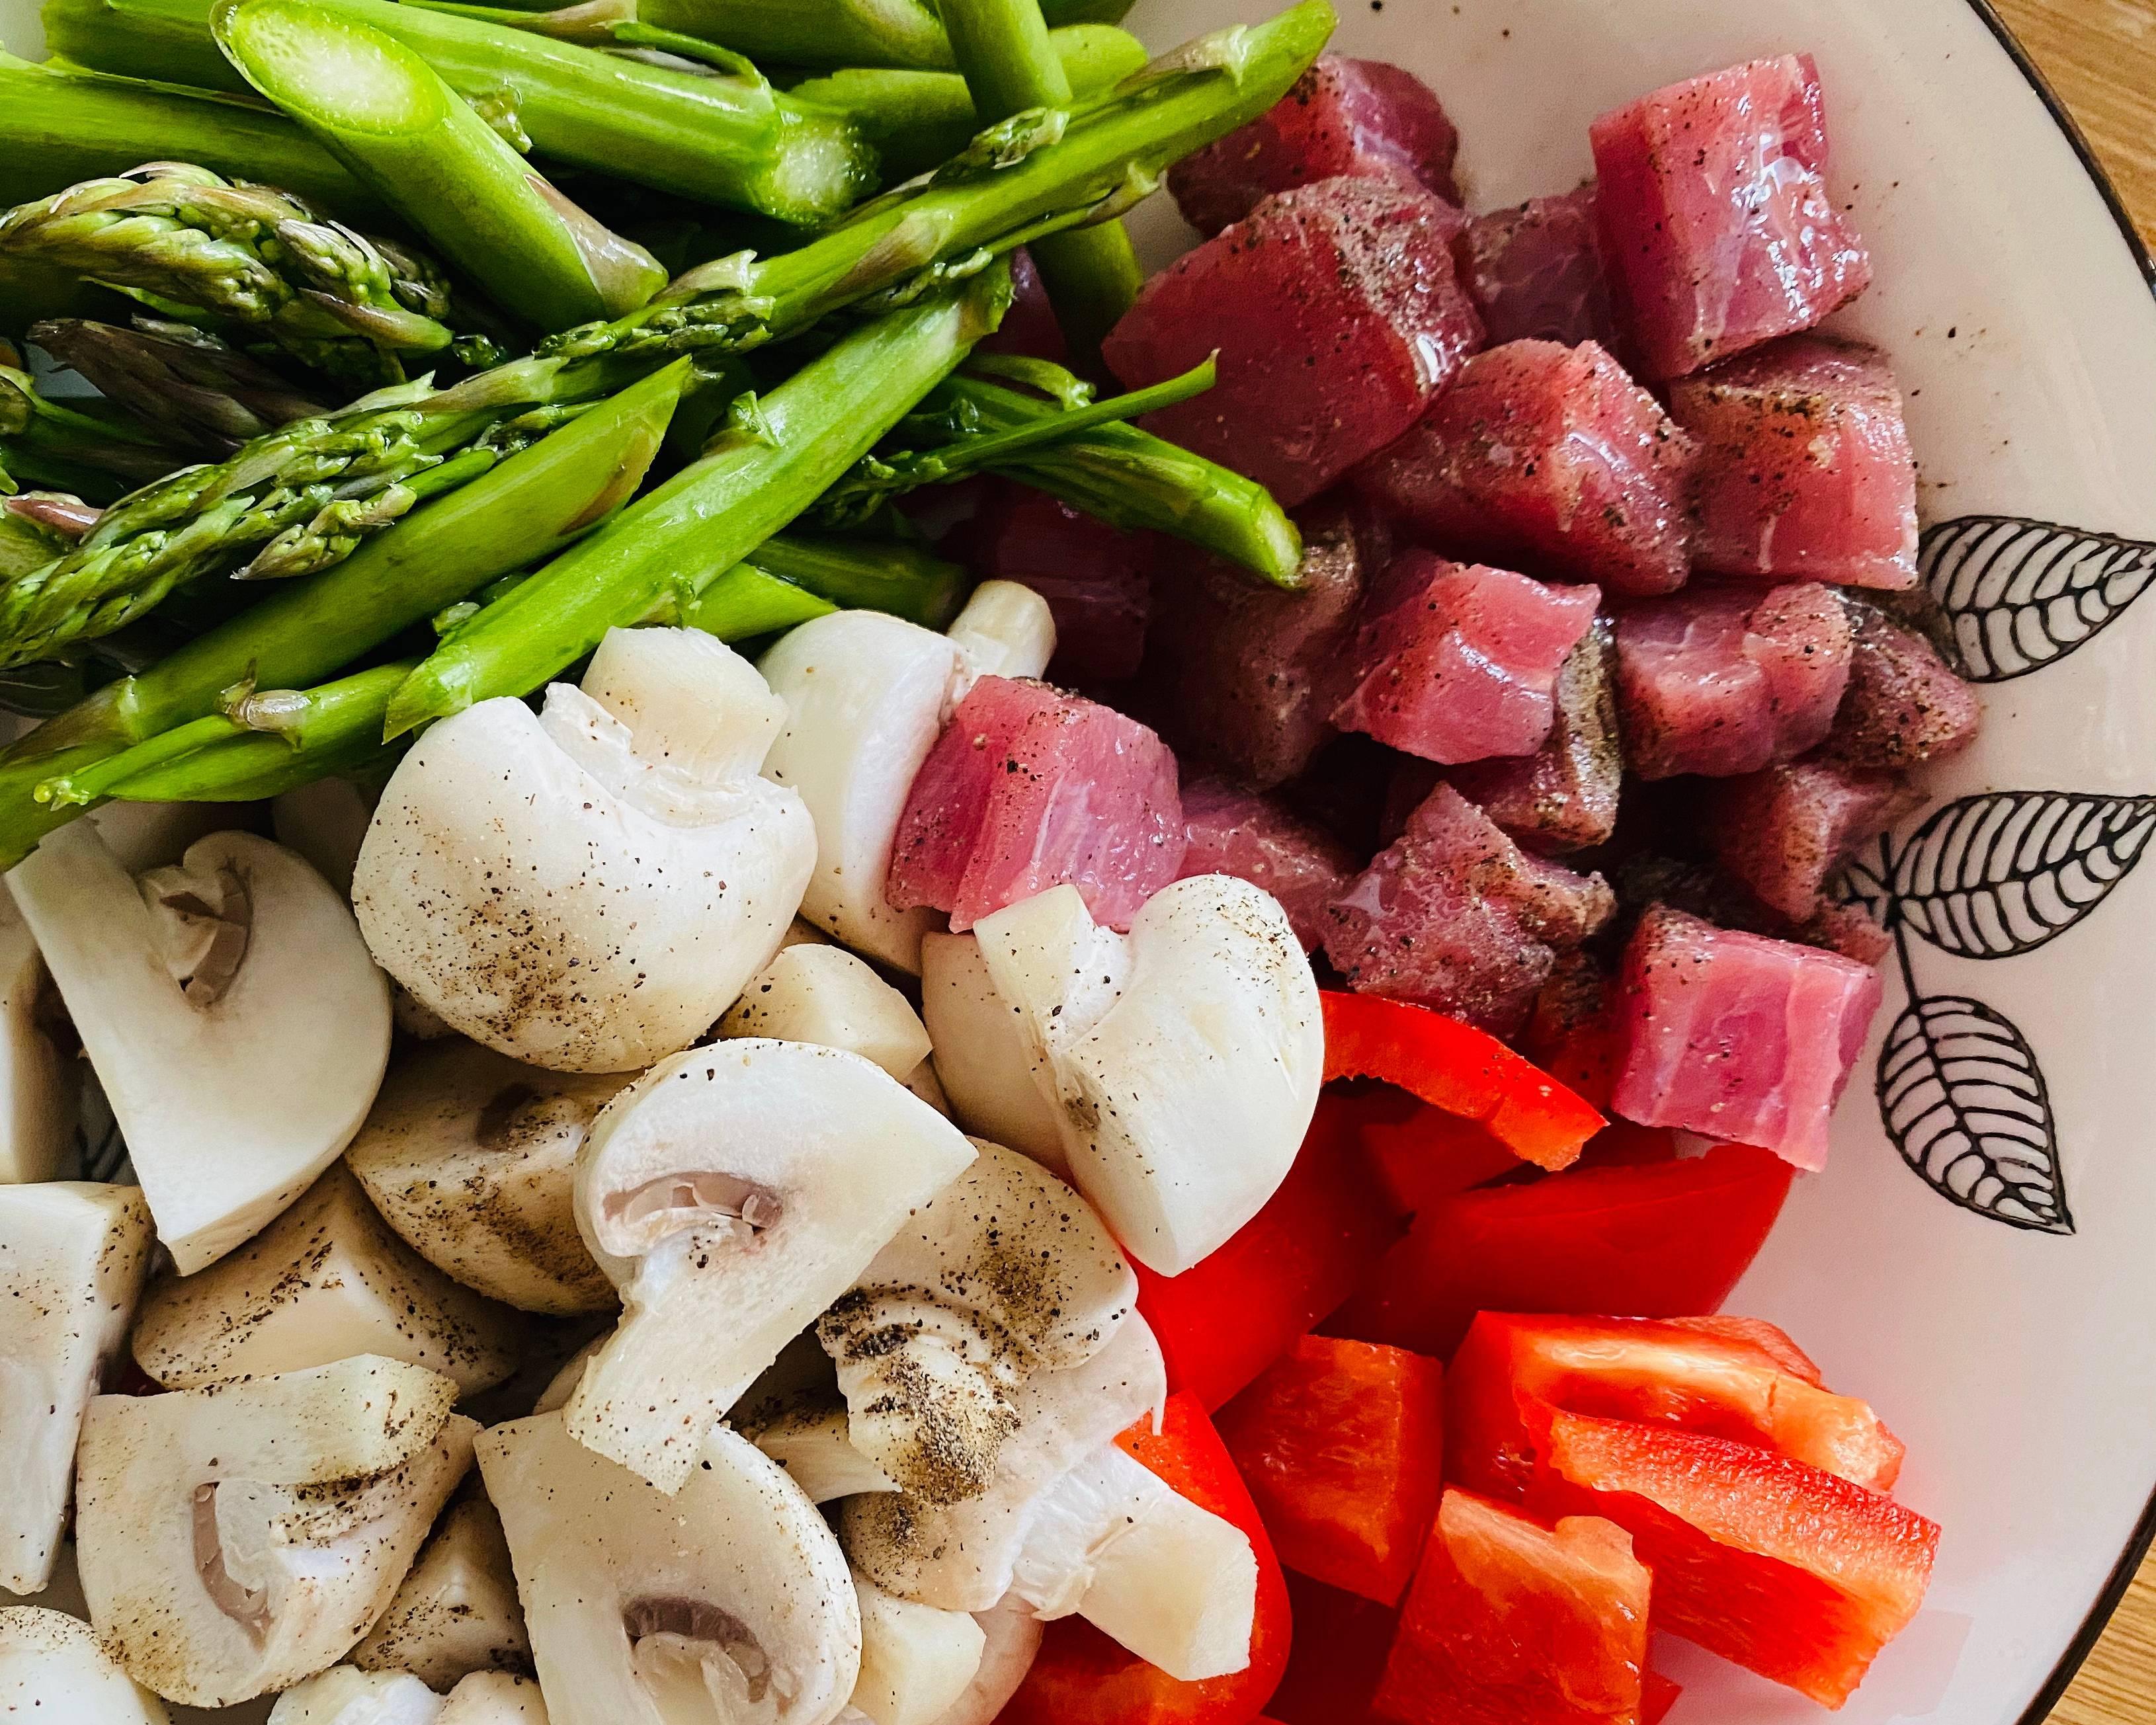 超简单👩💼减脂餐便当🍱芦笋蘑菇煎牛排的做法 步骤1